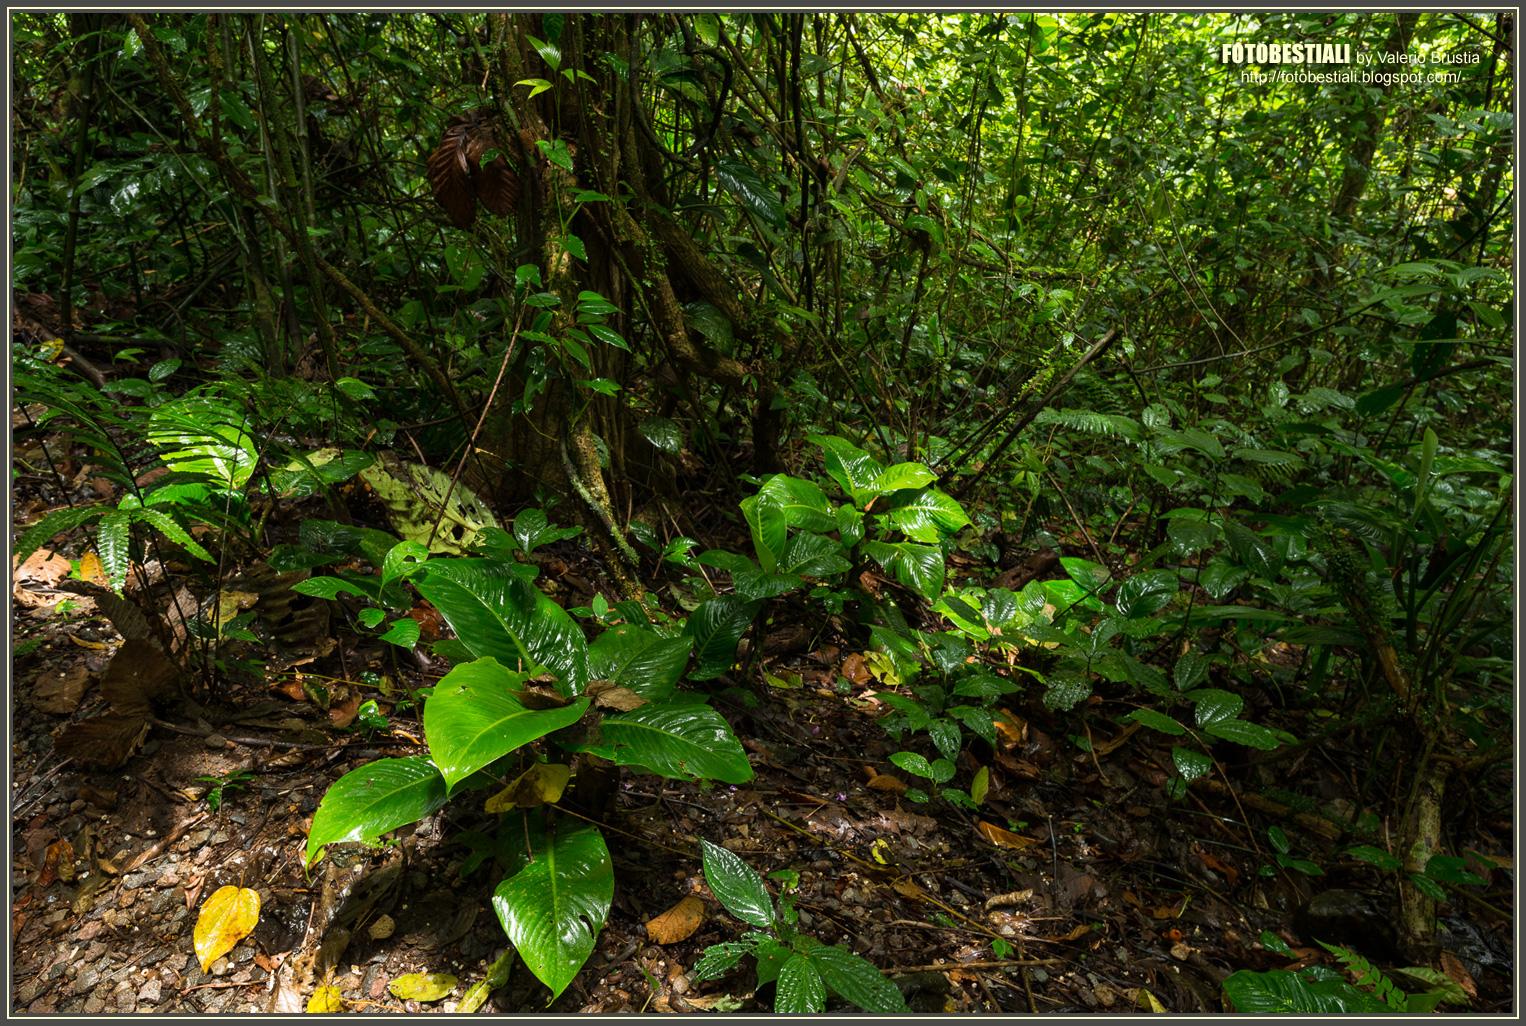 La foresta pluviale terraria for Piante da sottobosco